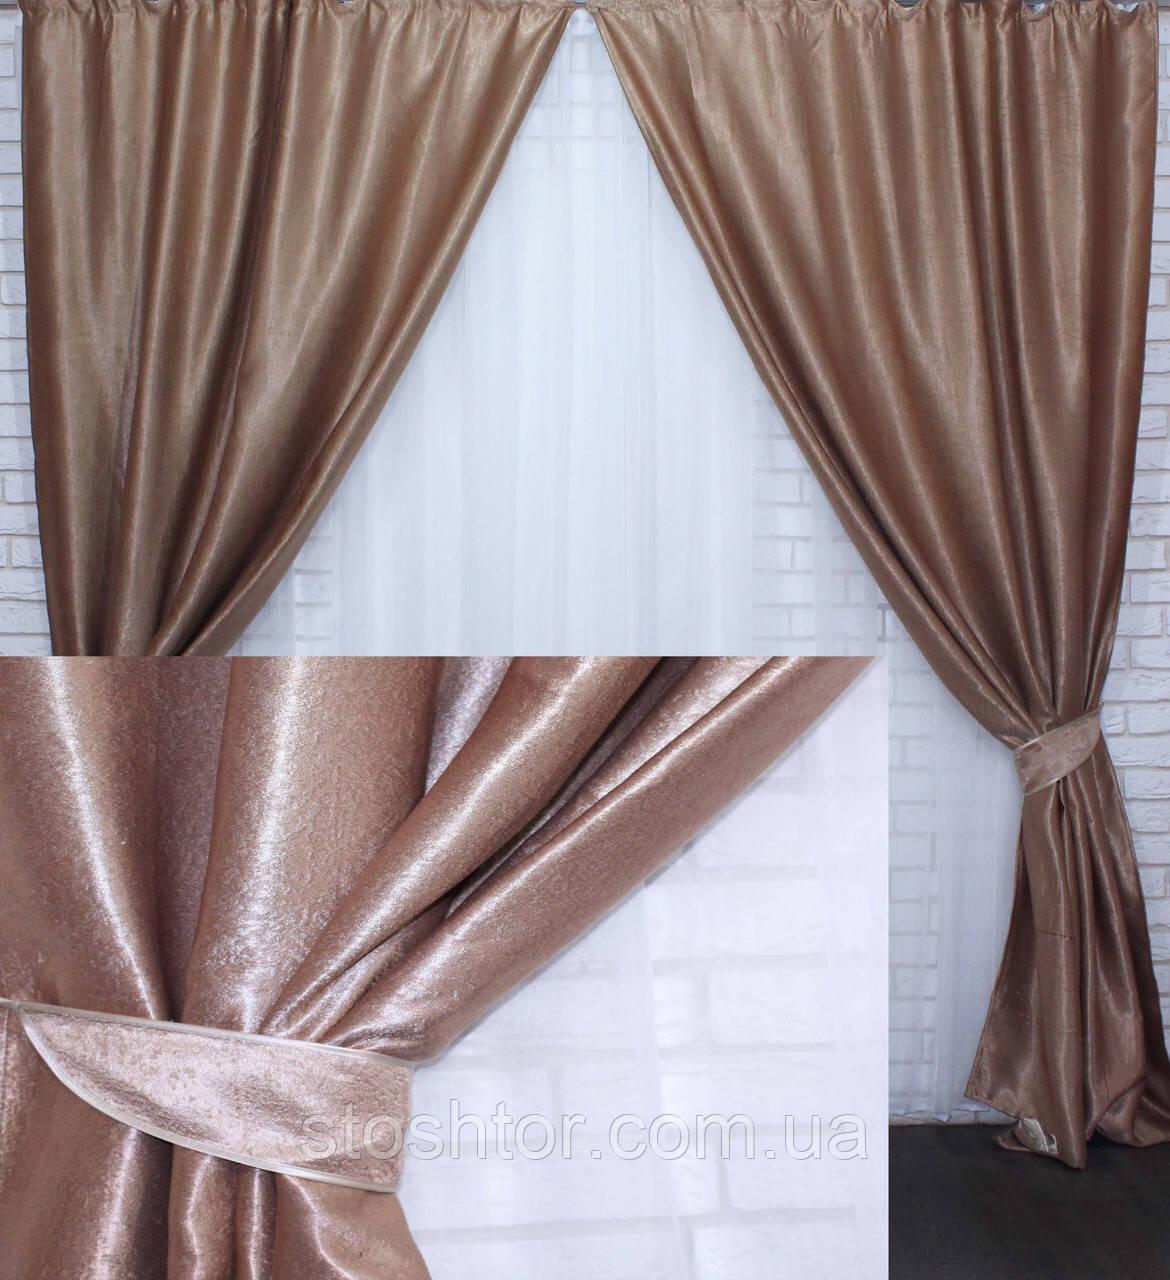 Комплект штор из ткани Блекаут Софт №2